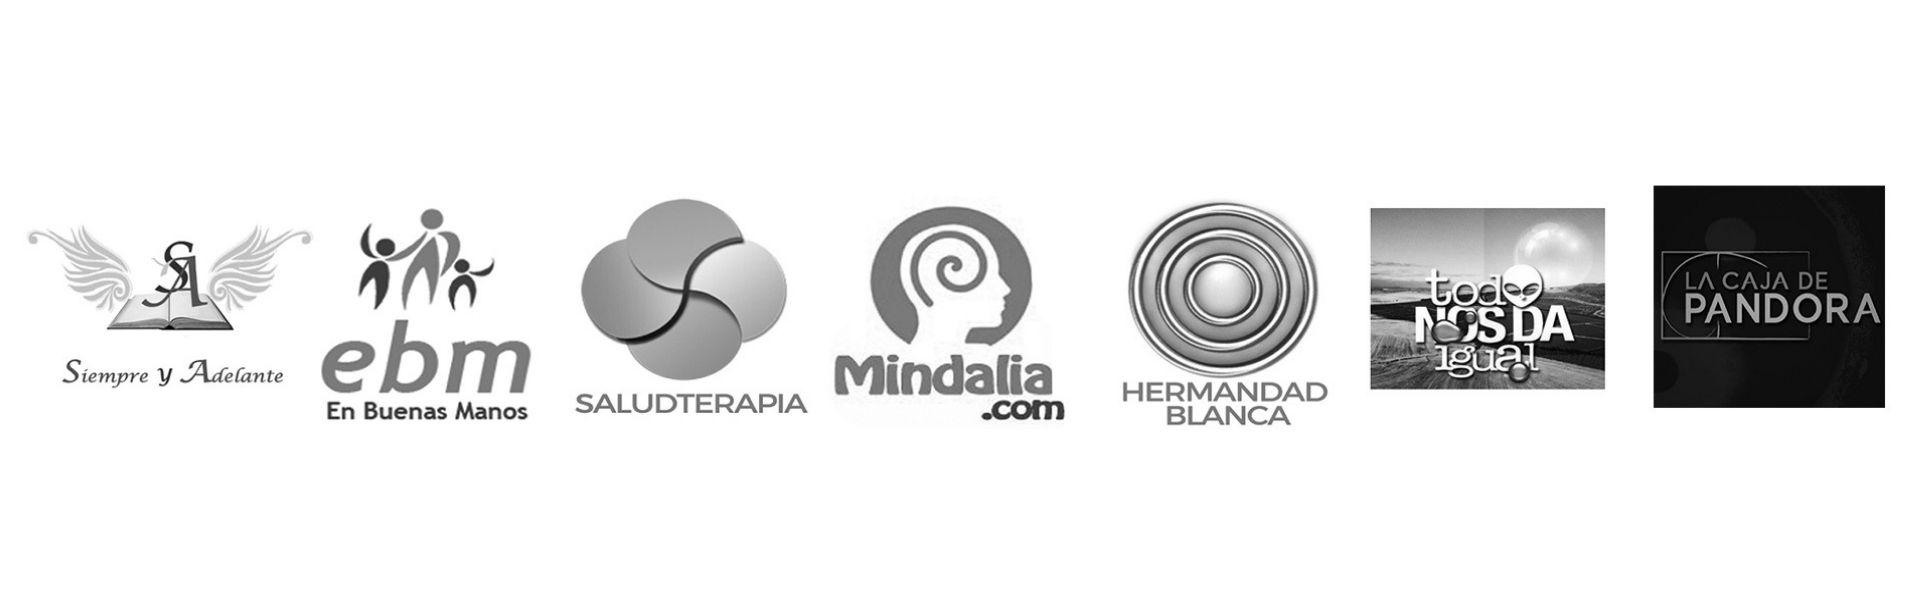 Logos de sitios en los que he aparecido o publicado